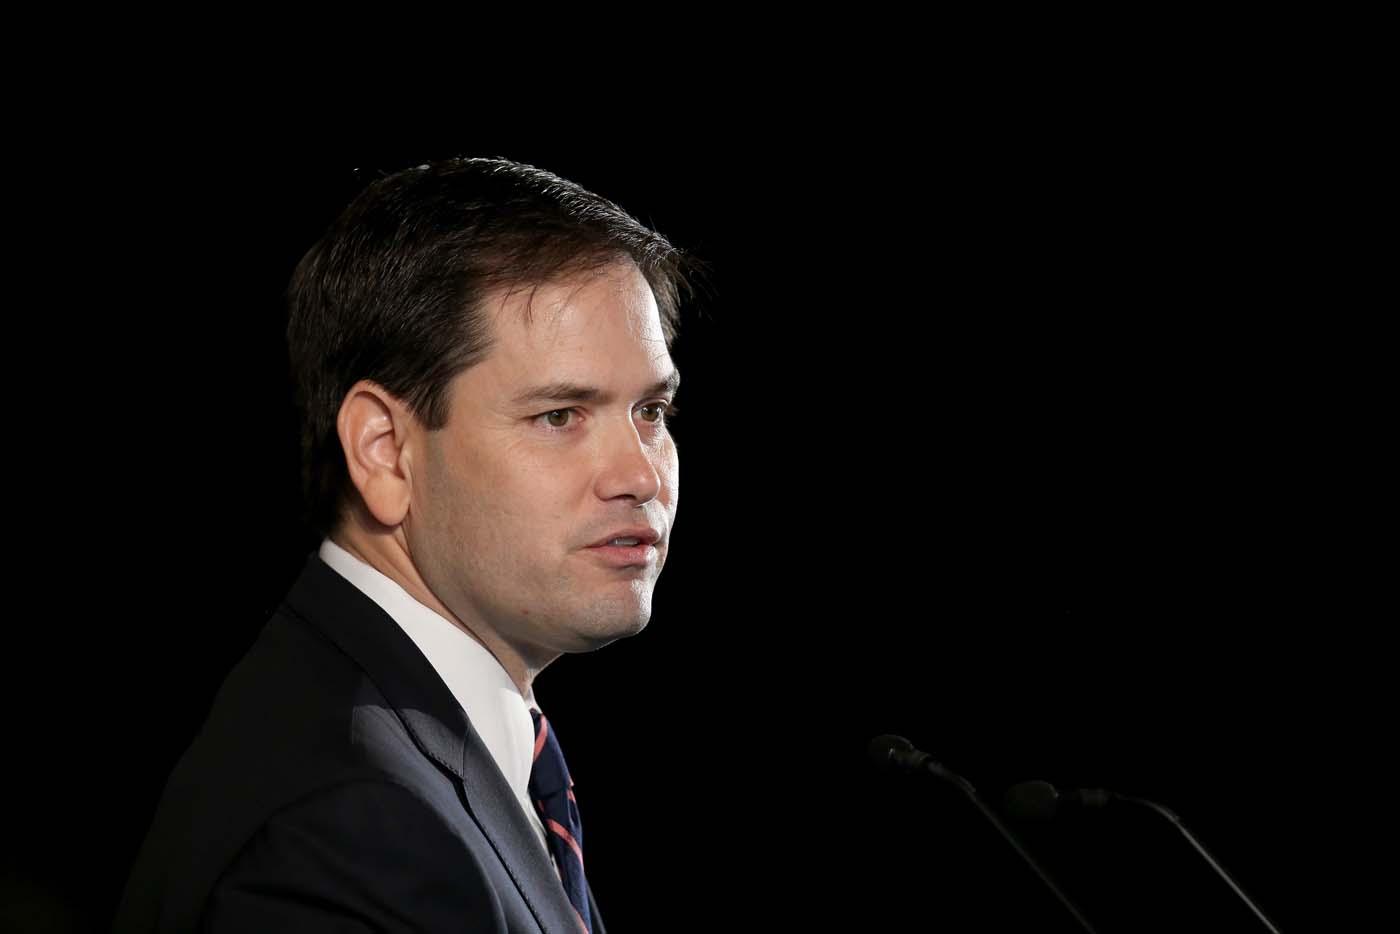 El senador Marco Rubio (Foto archivo)